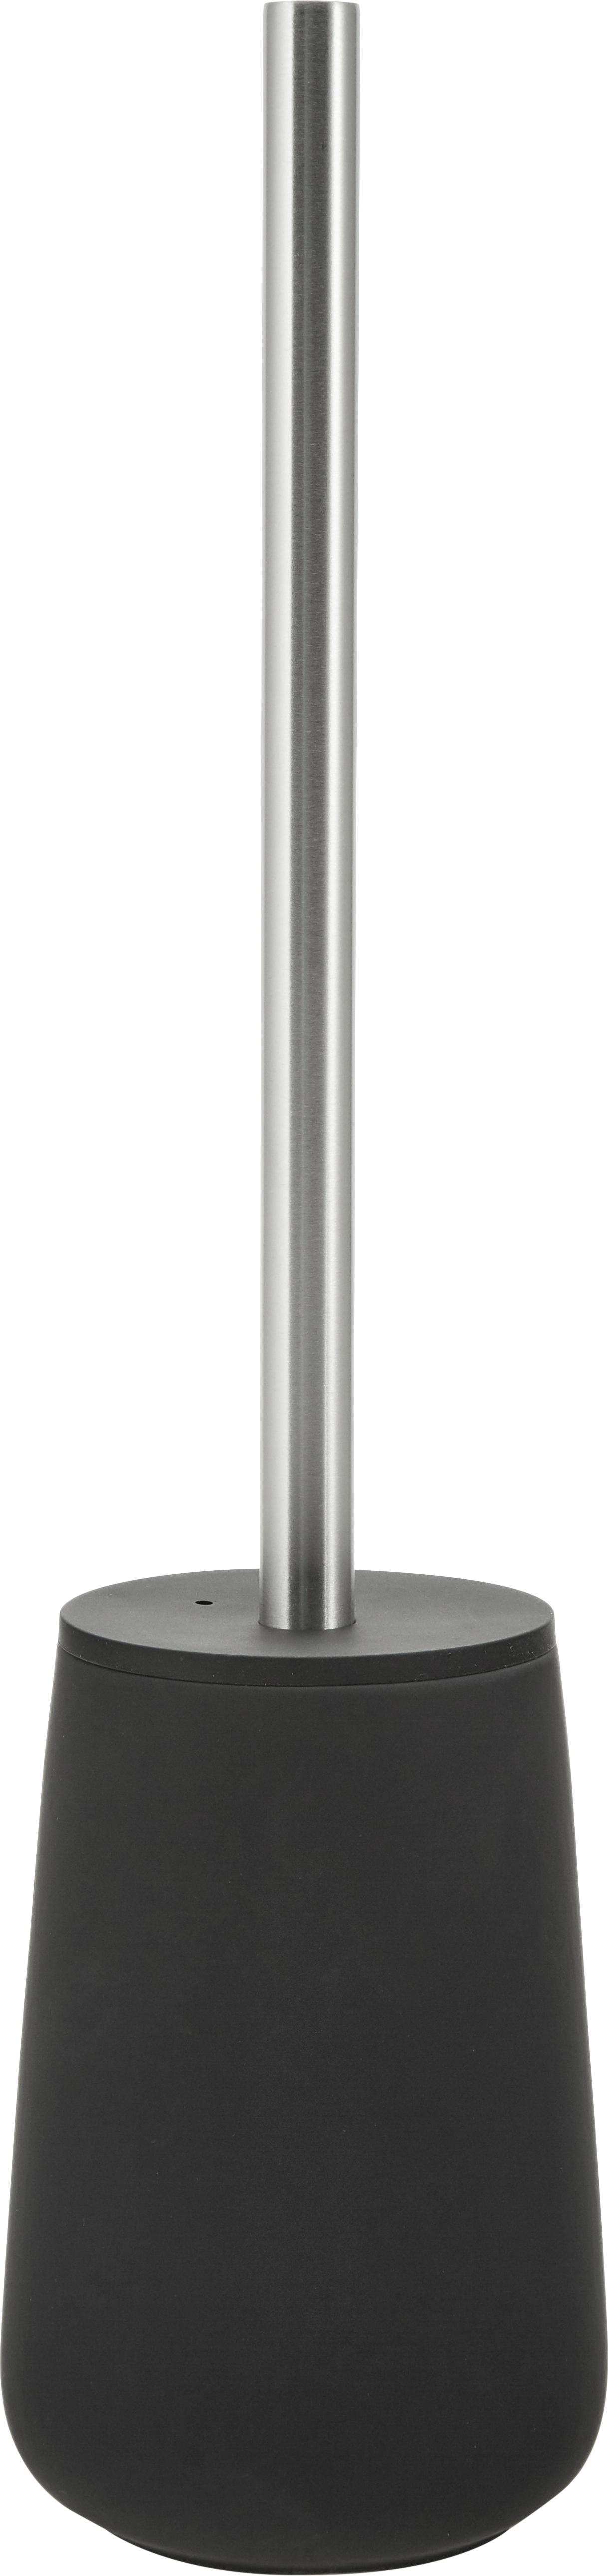 Scopino Brush, Contenitore: porcellana, Nero opaco, acciaio inossidabile, Ø 10 x Alt. 43 cm